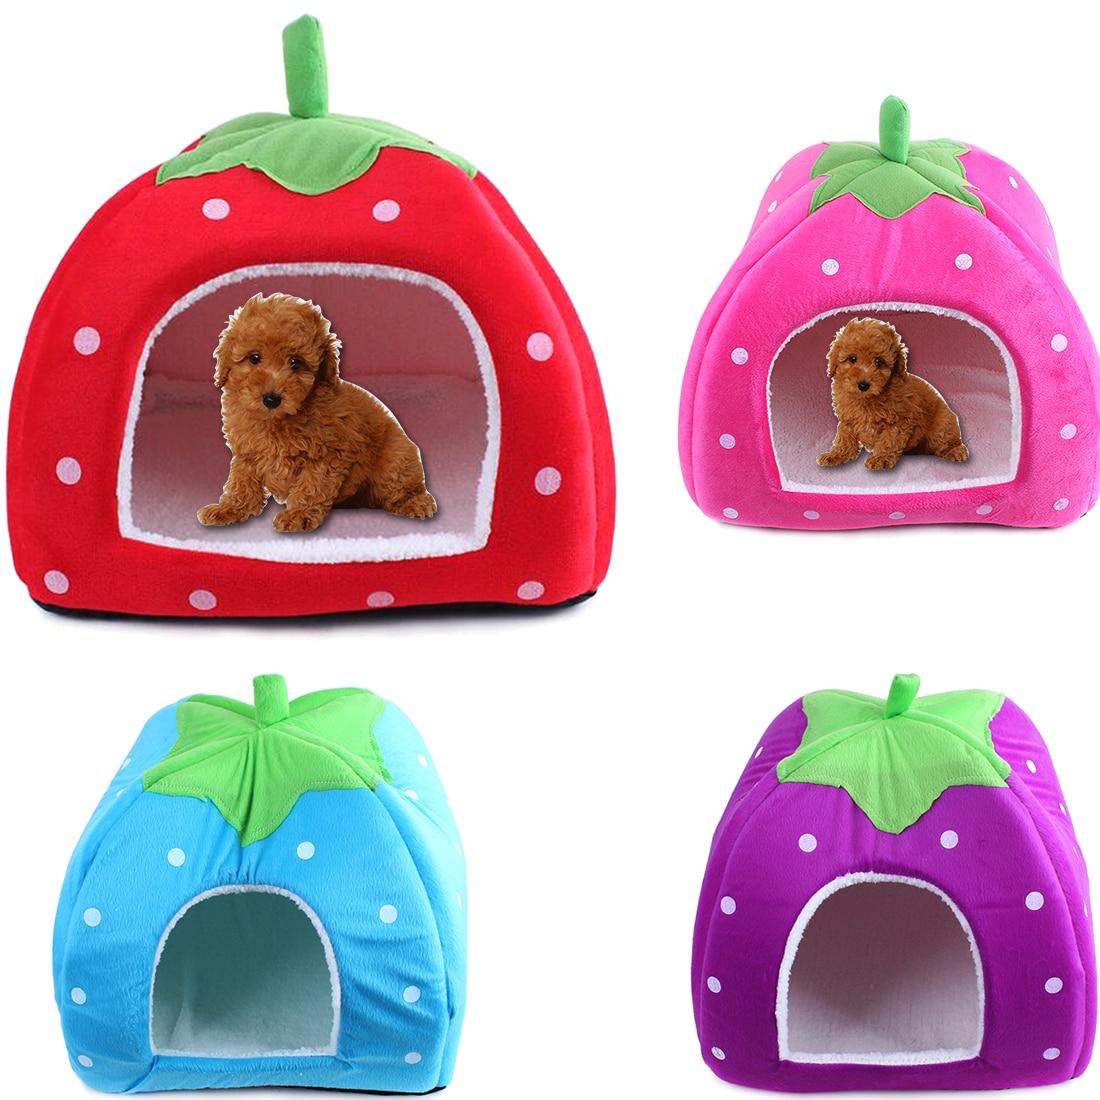 Atacado Casa de Cachorro Macio Forma de Morango Adorável Canil Quente cama de Gato Ninho de Veludo Portátil Para Pequenas e Médias Animais de Estimação cama perro